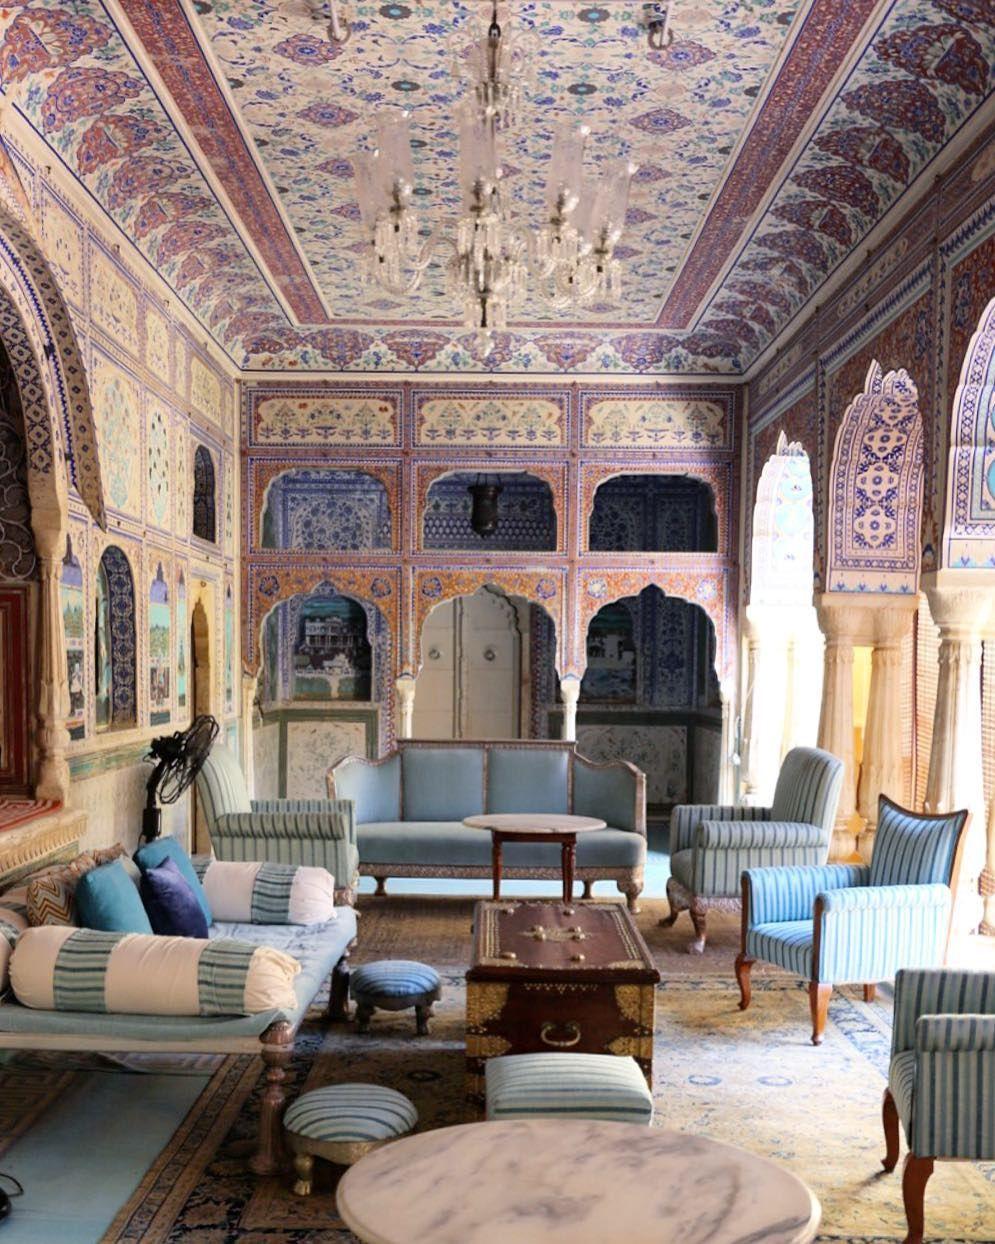 Indian restaurants interior design samode palace jaipur india  katie armour taylor  beautiful